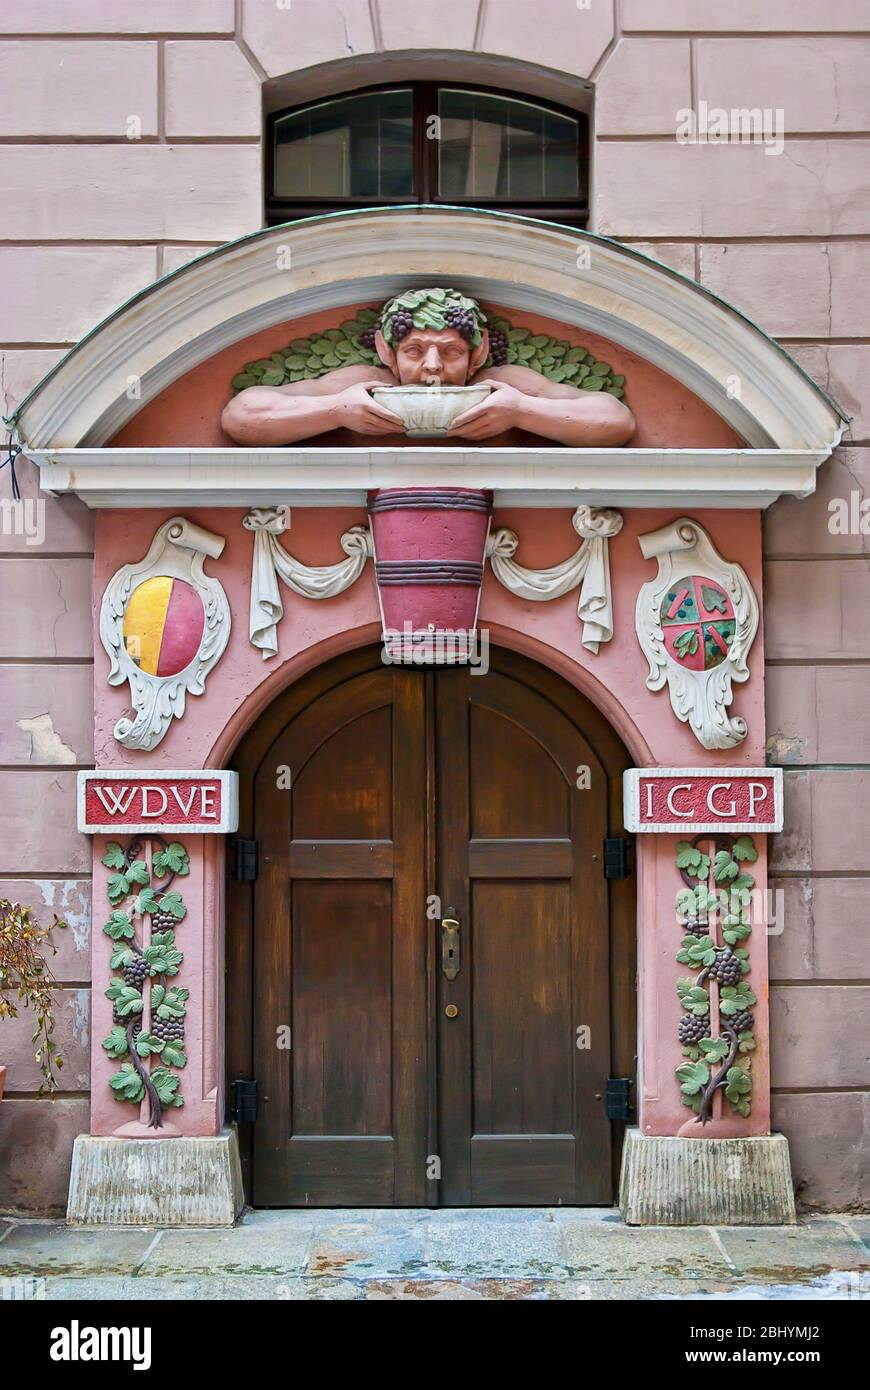 Entrada histórica a una bodega en el casco antiguo de Dresde, Sajonia, Alemania. Foto de stock